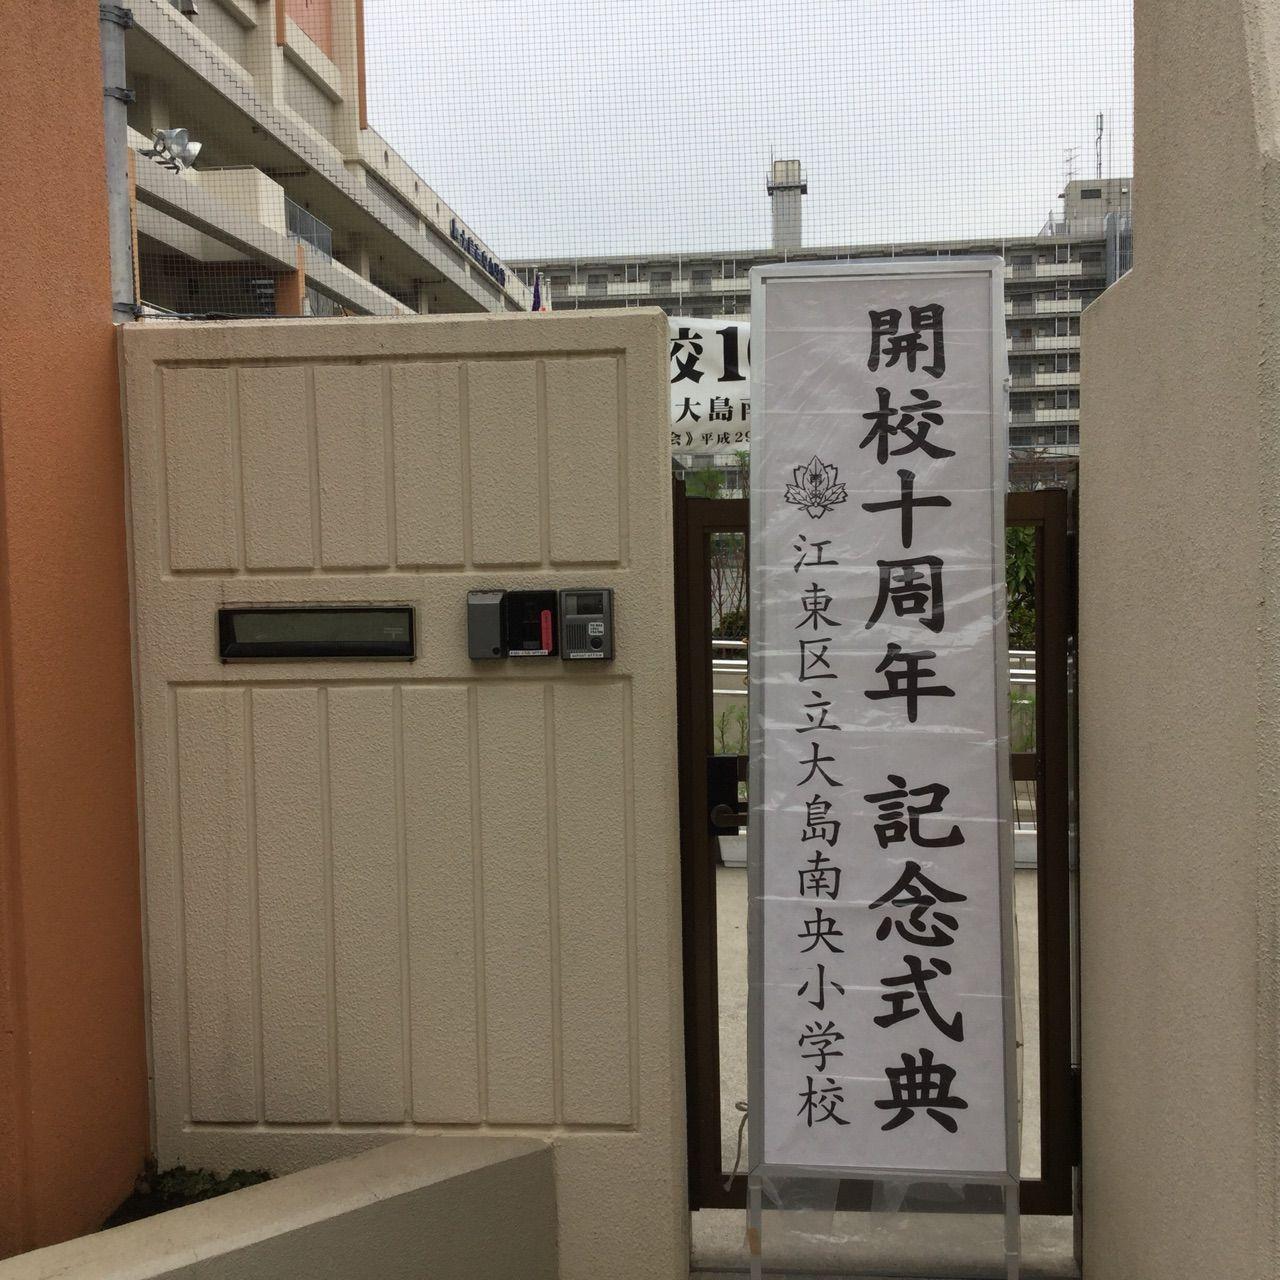 大島南央小学校 開校10周年式典 ...